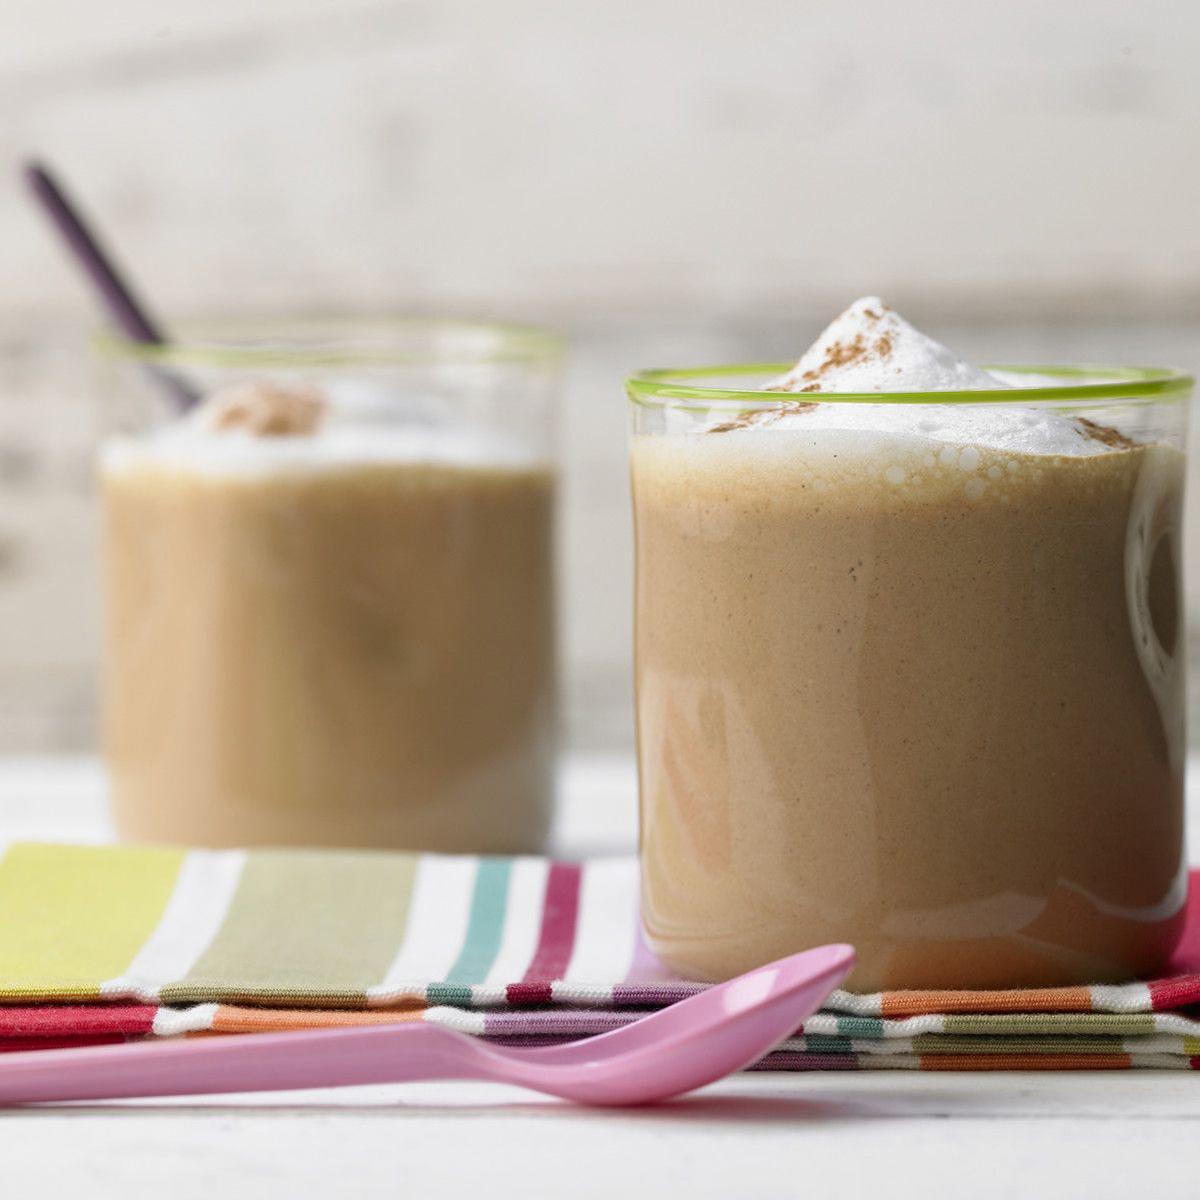 1vanilla-latte-caffeine-free-for-kids-496467